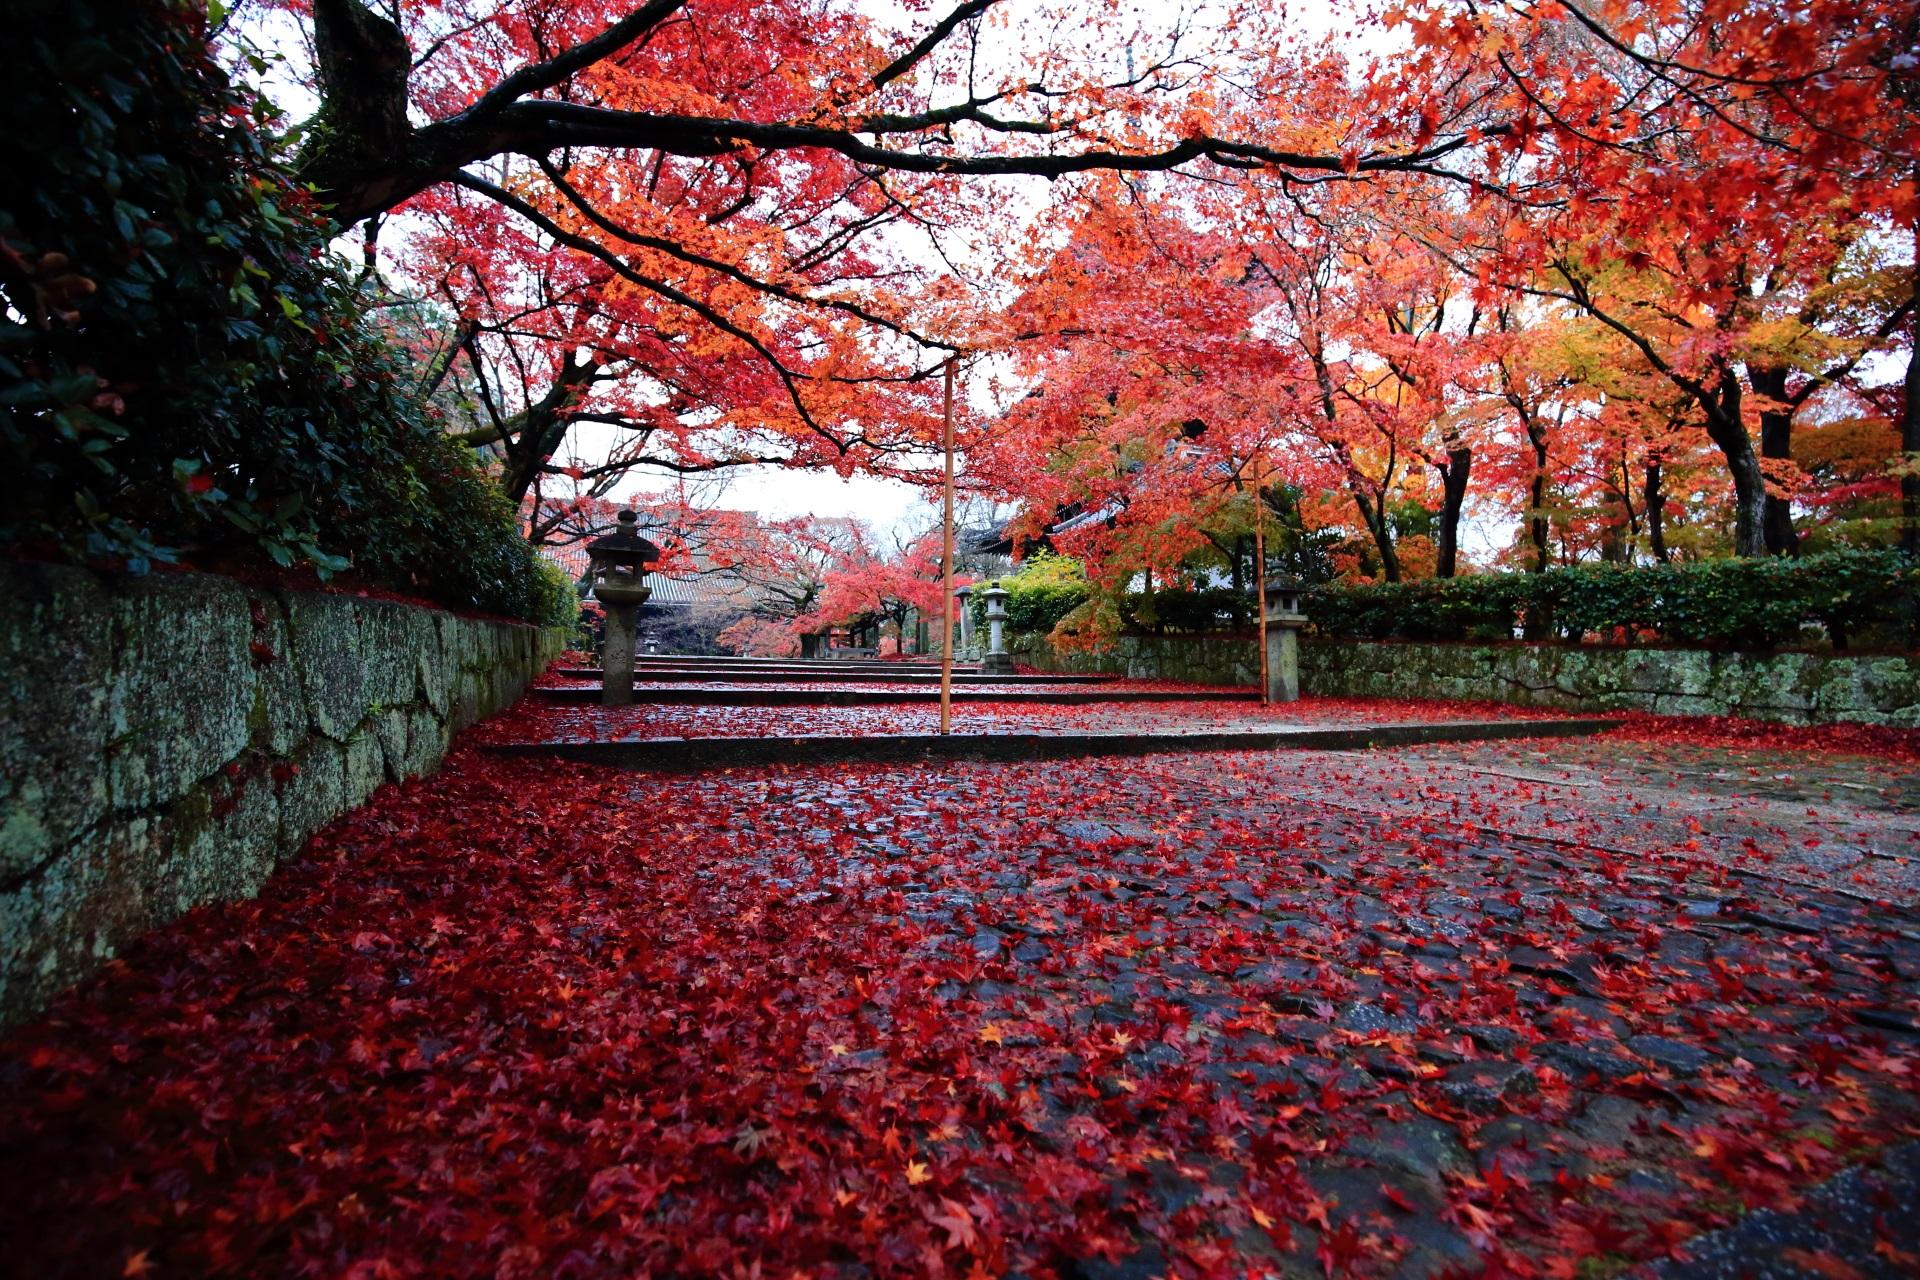 鮮烈な色合いの赤い散りもみじ